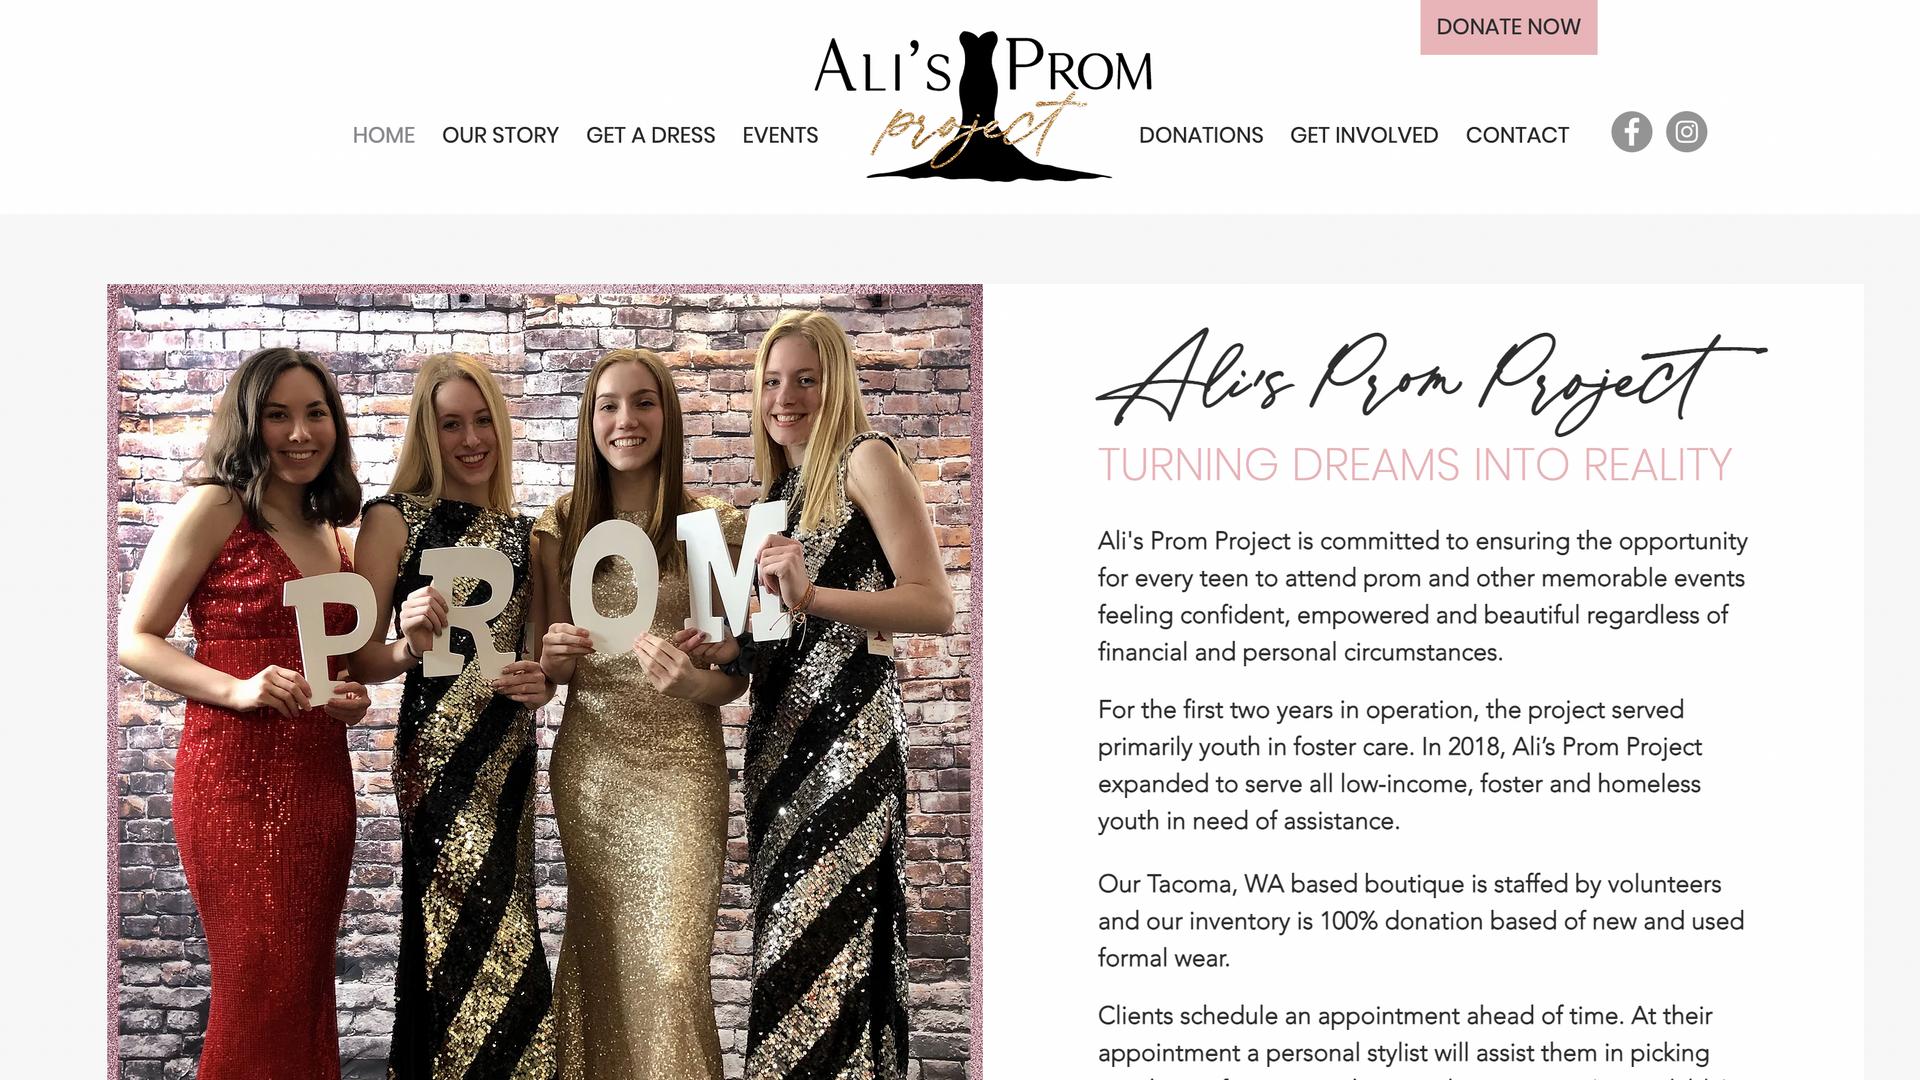 Ali's Prom Project